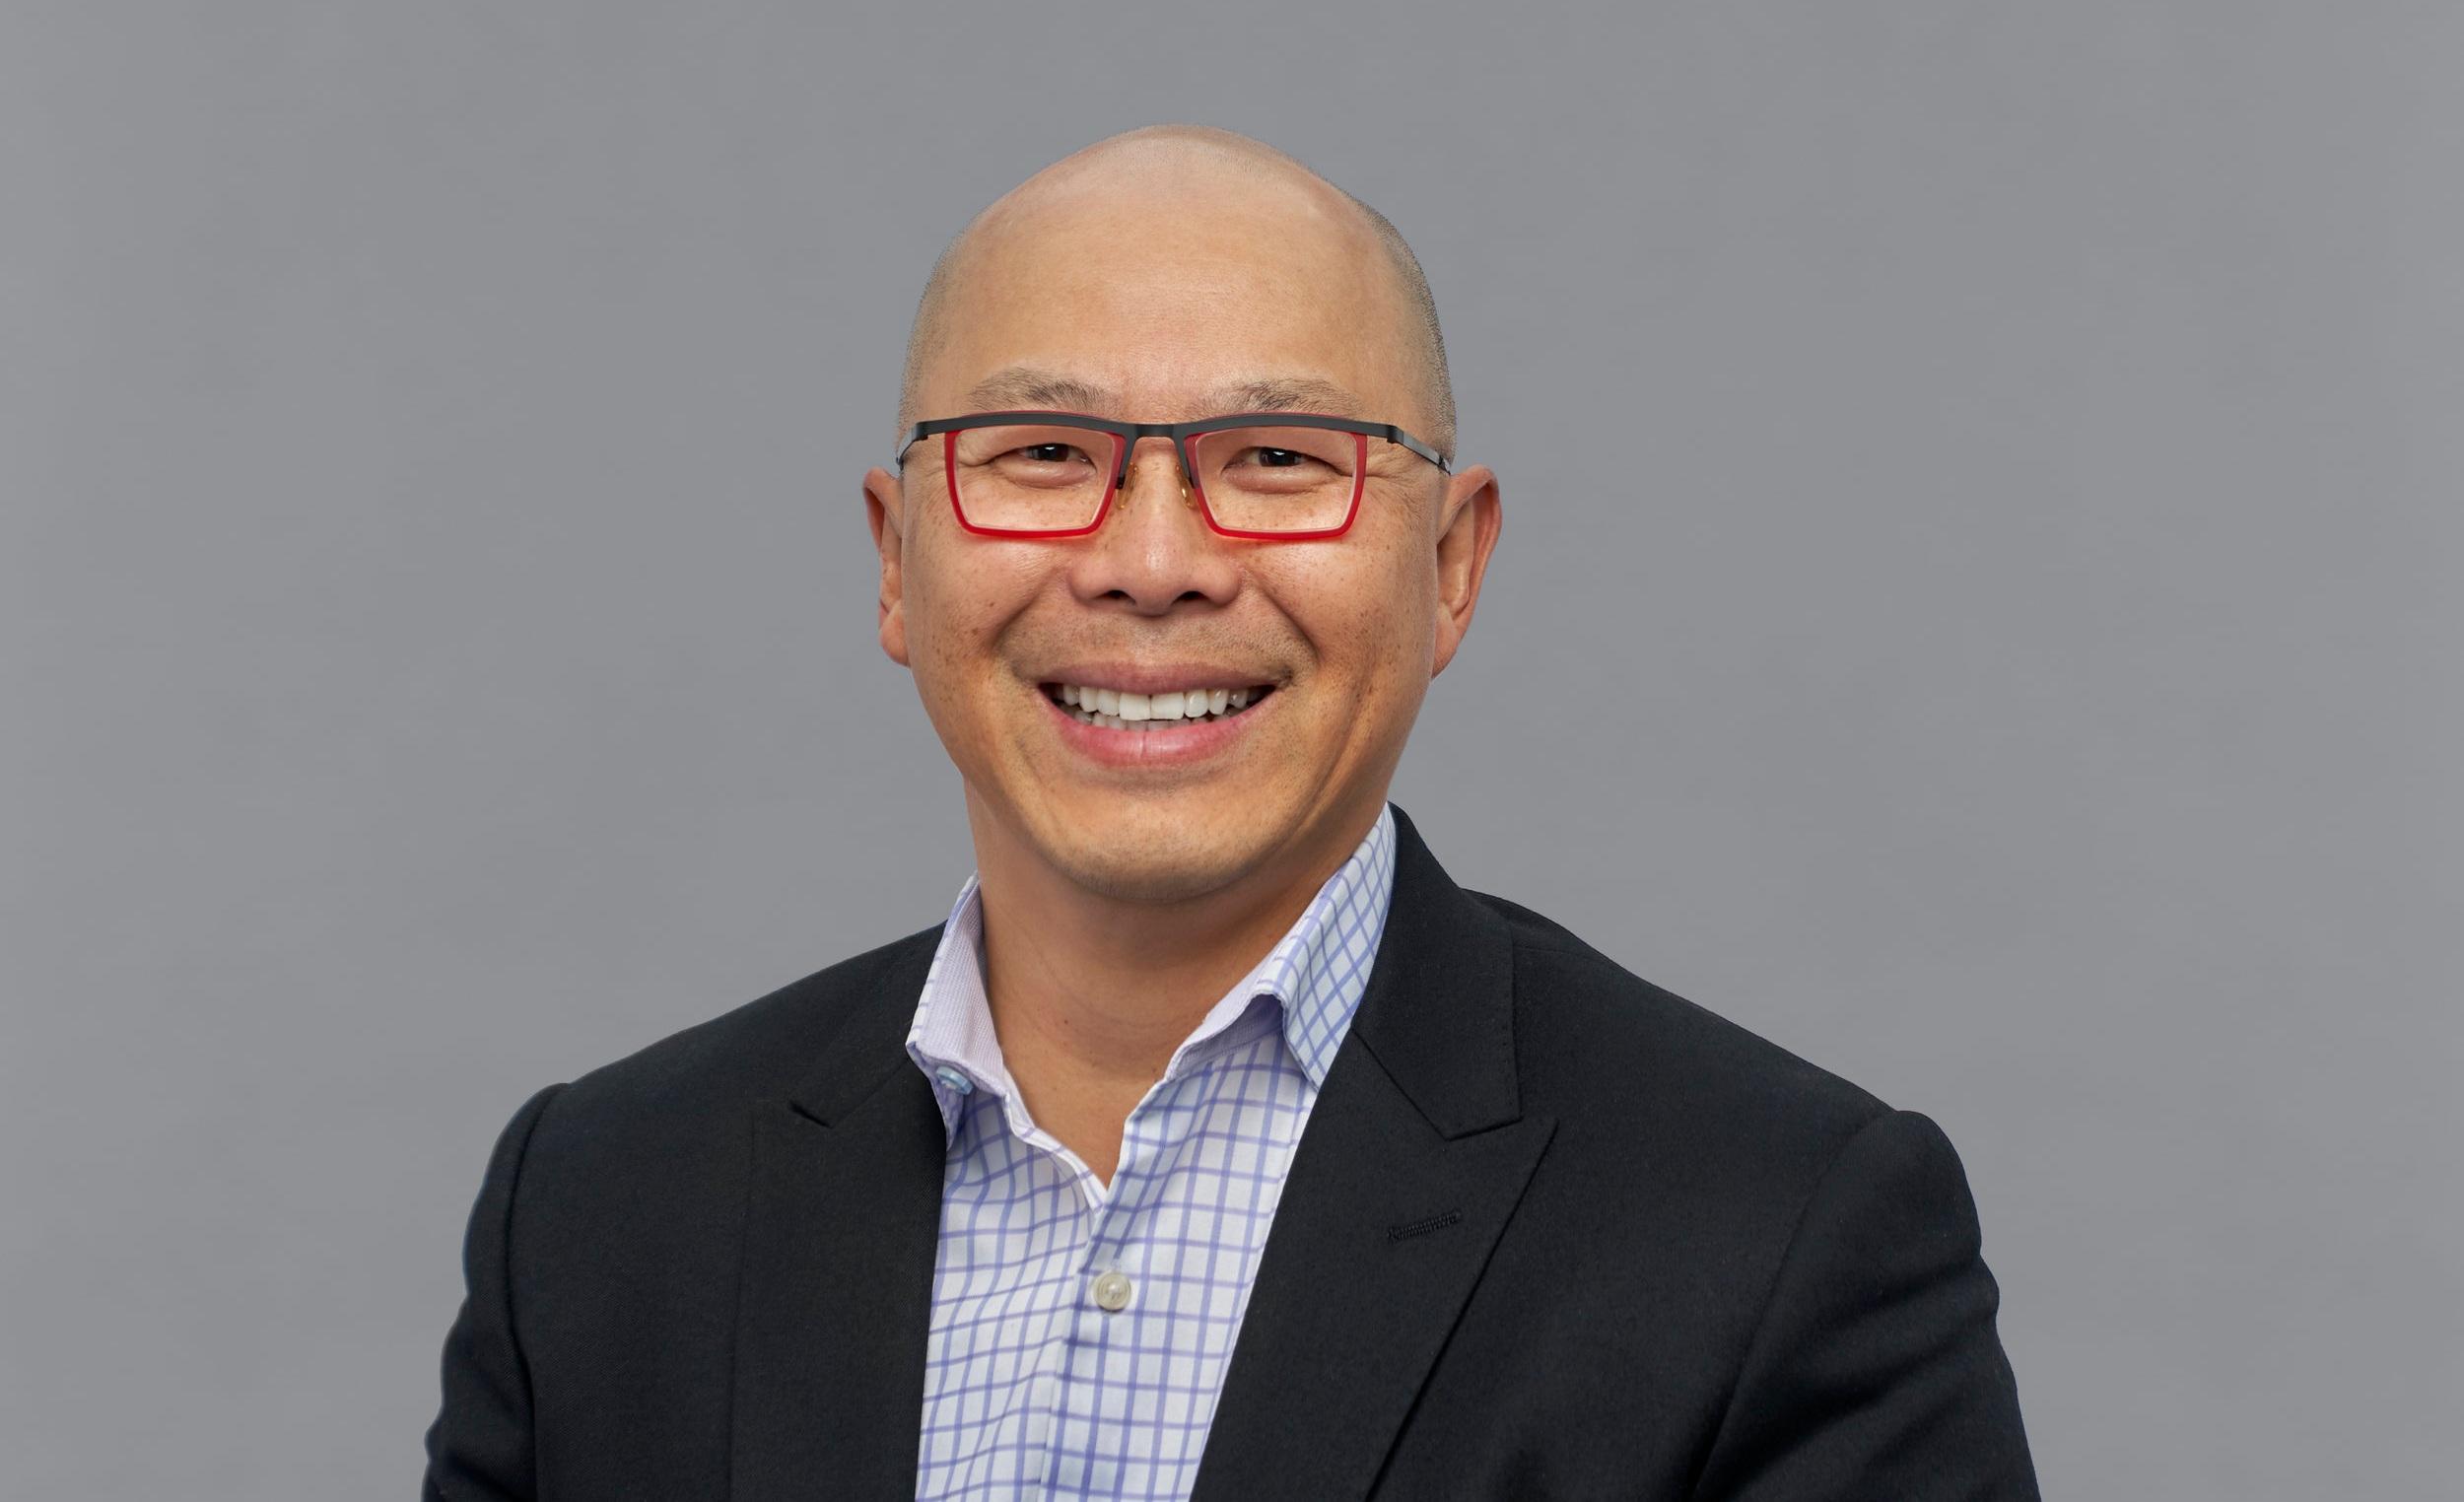 Tuong Huynh, LEED AP Principal